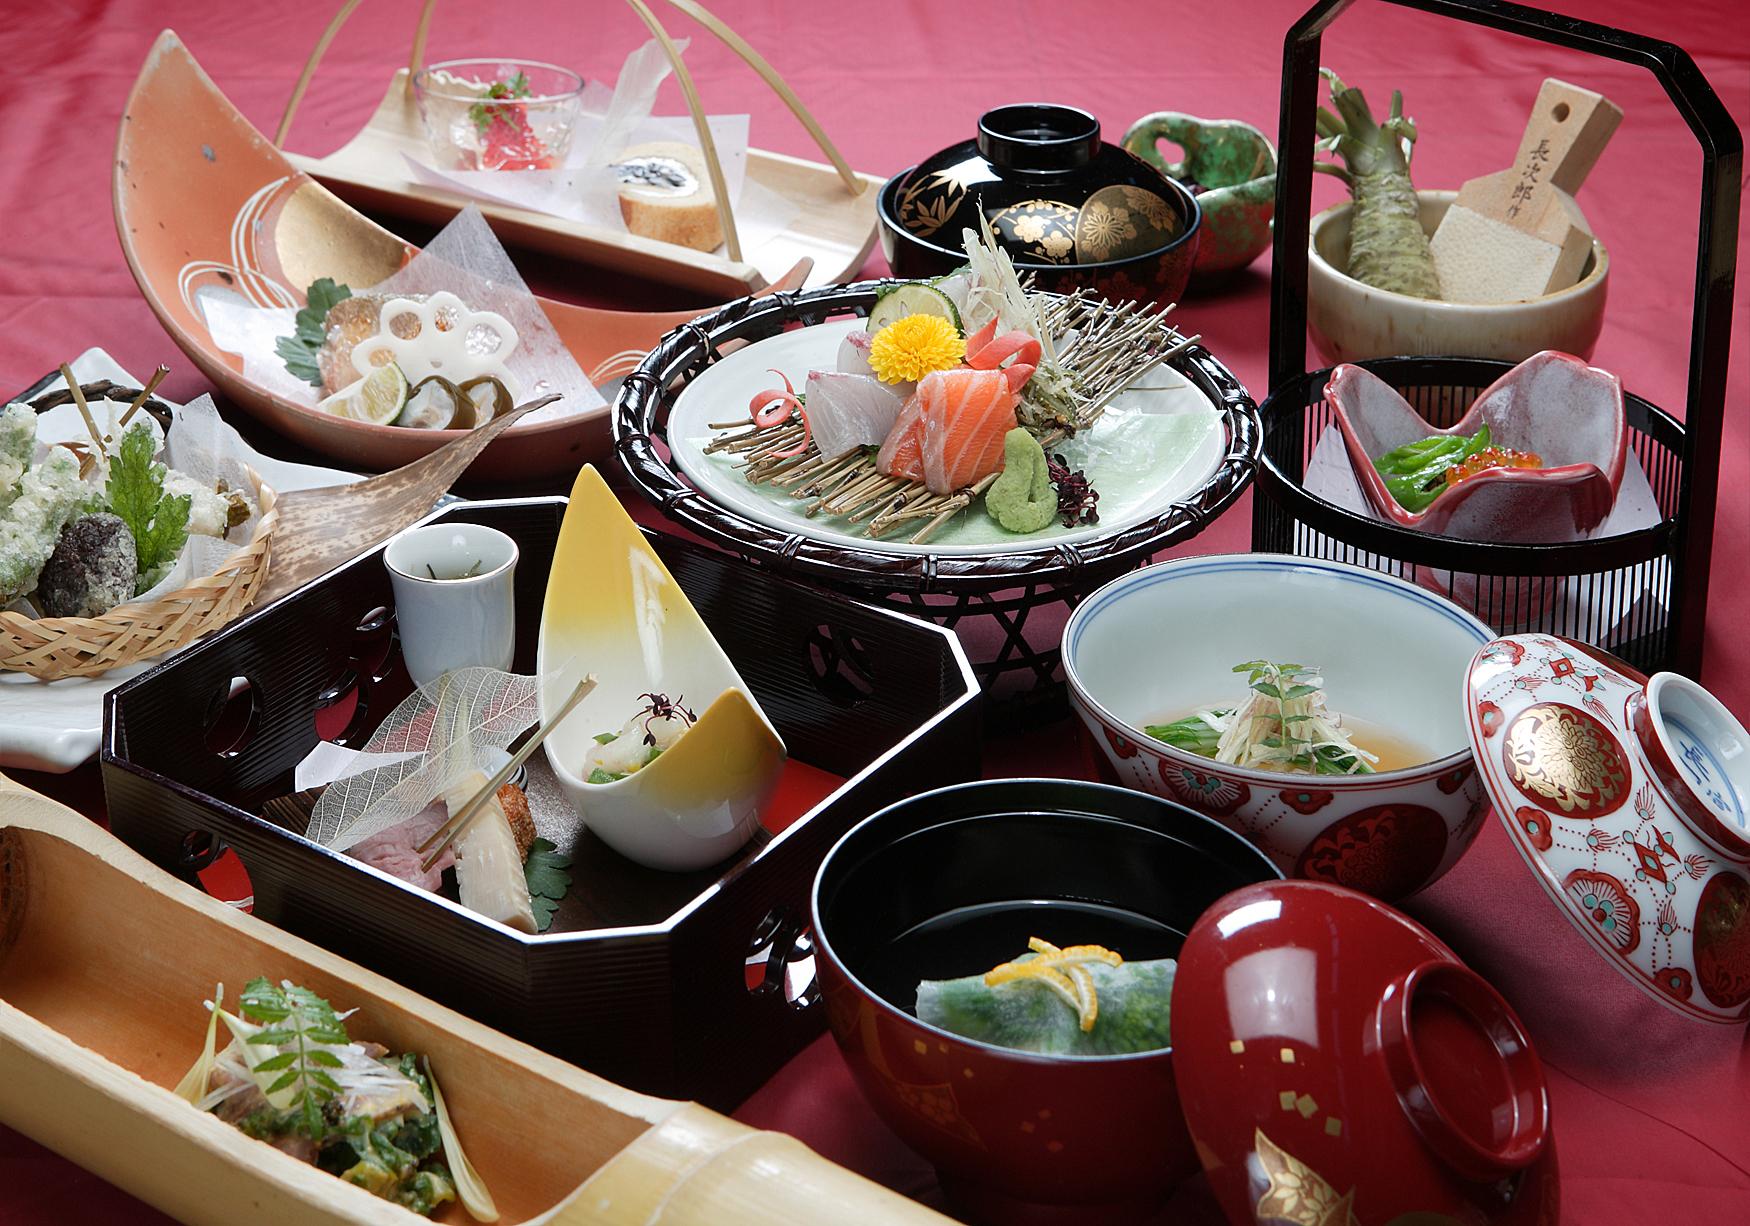 綾部 料亭 ゆう月 会席料理 和食 懐石料理 日本料理 旬